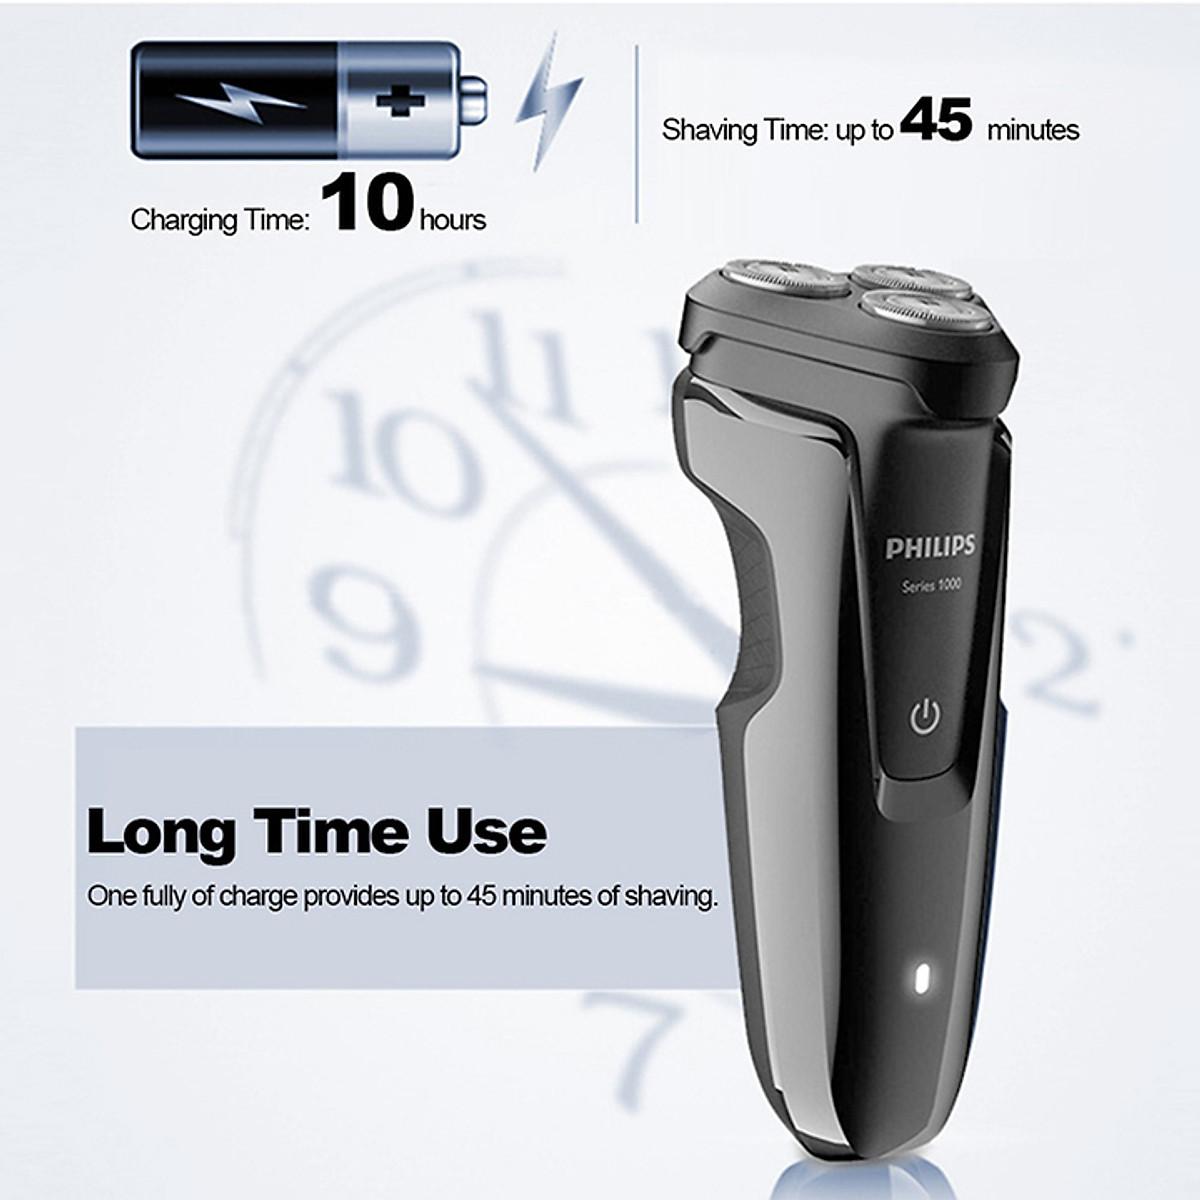 Máy cạo râu 3 lưỡi Philips S1010 - Hàng chính hãng